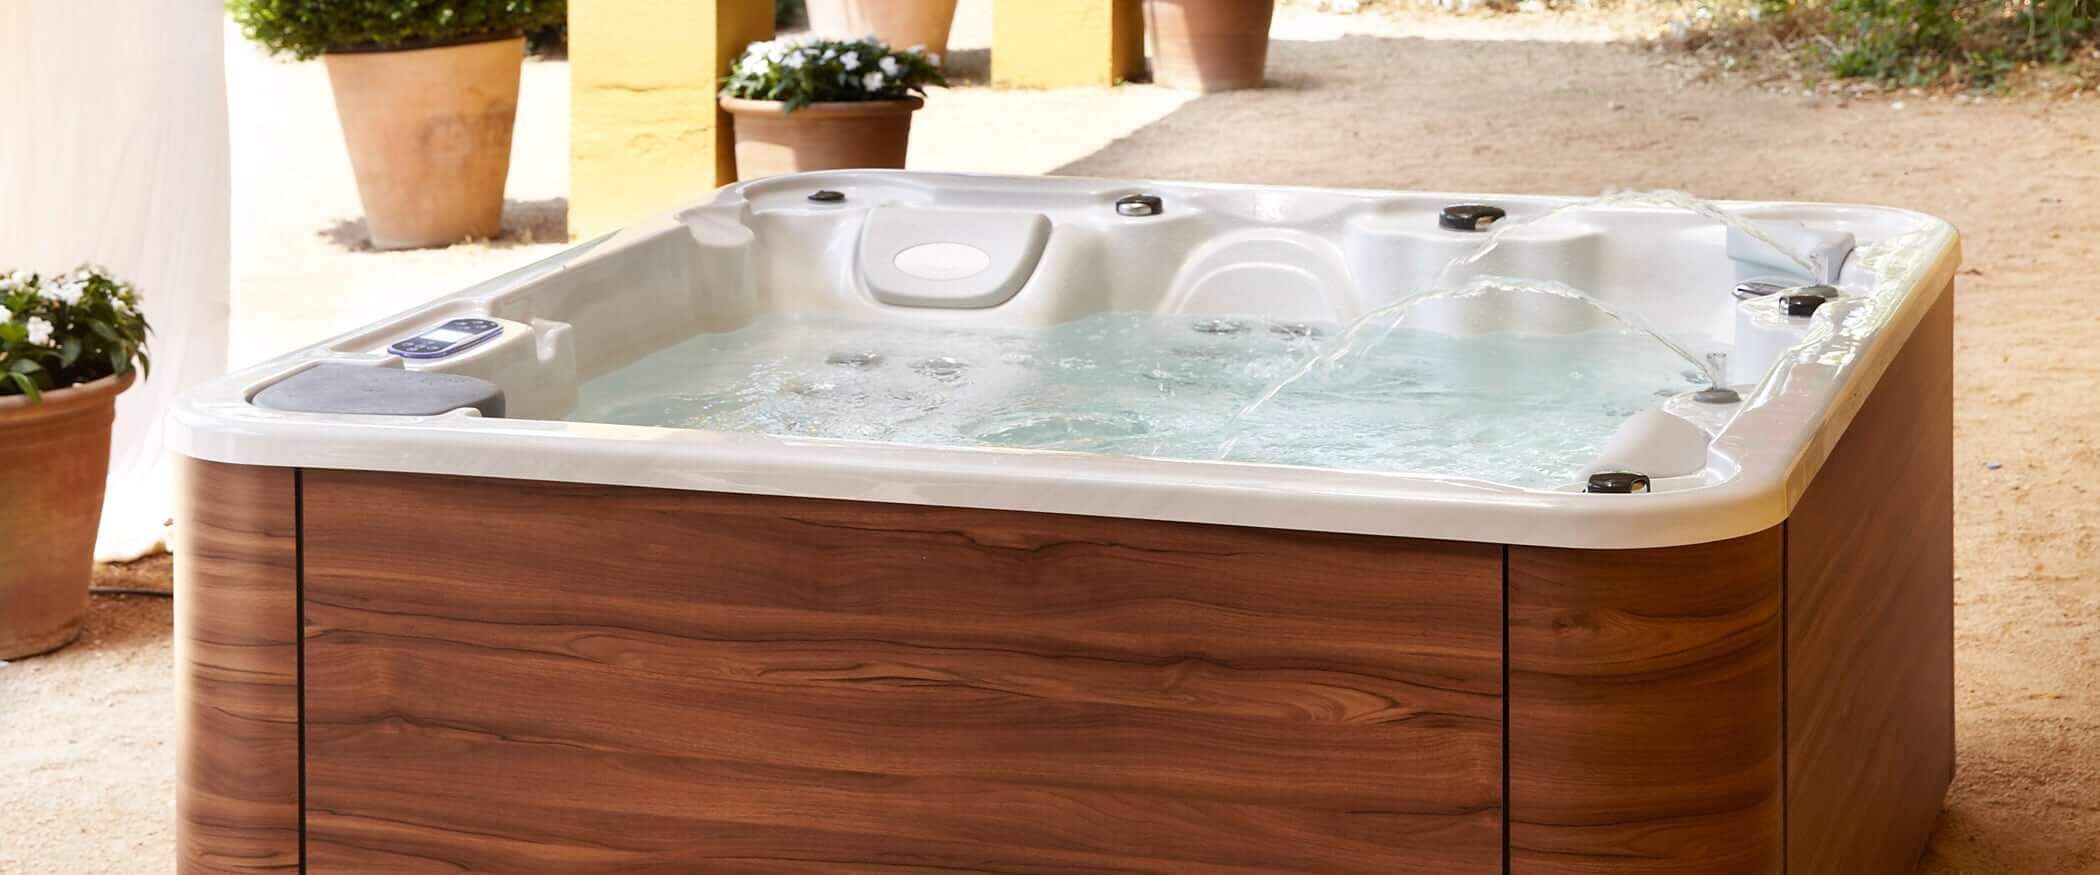 Advance 50 Hot Tub